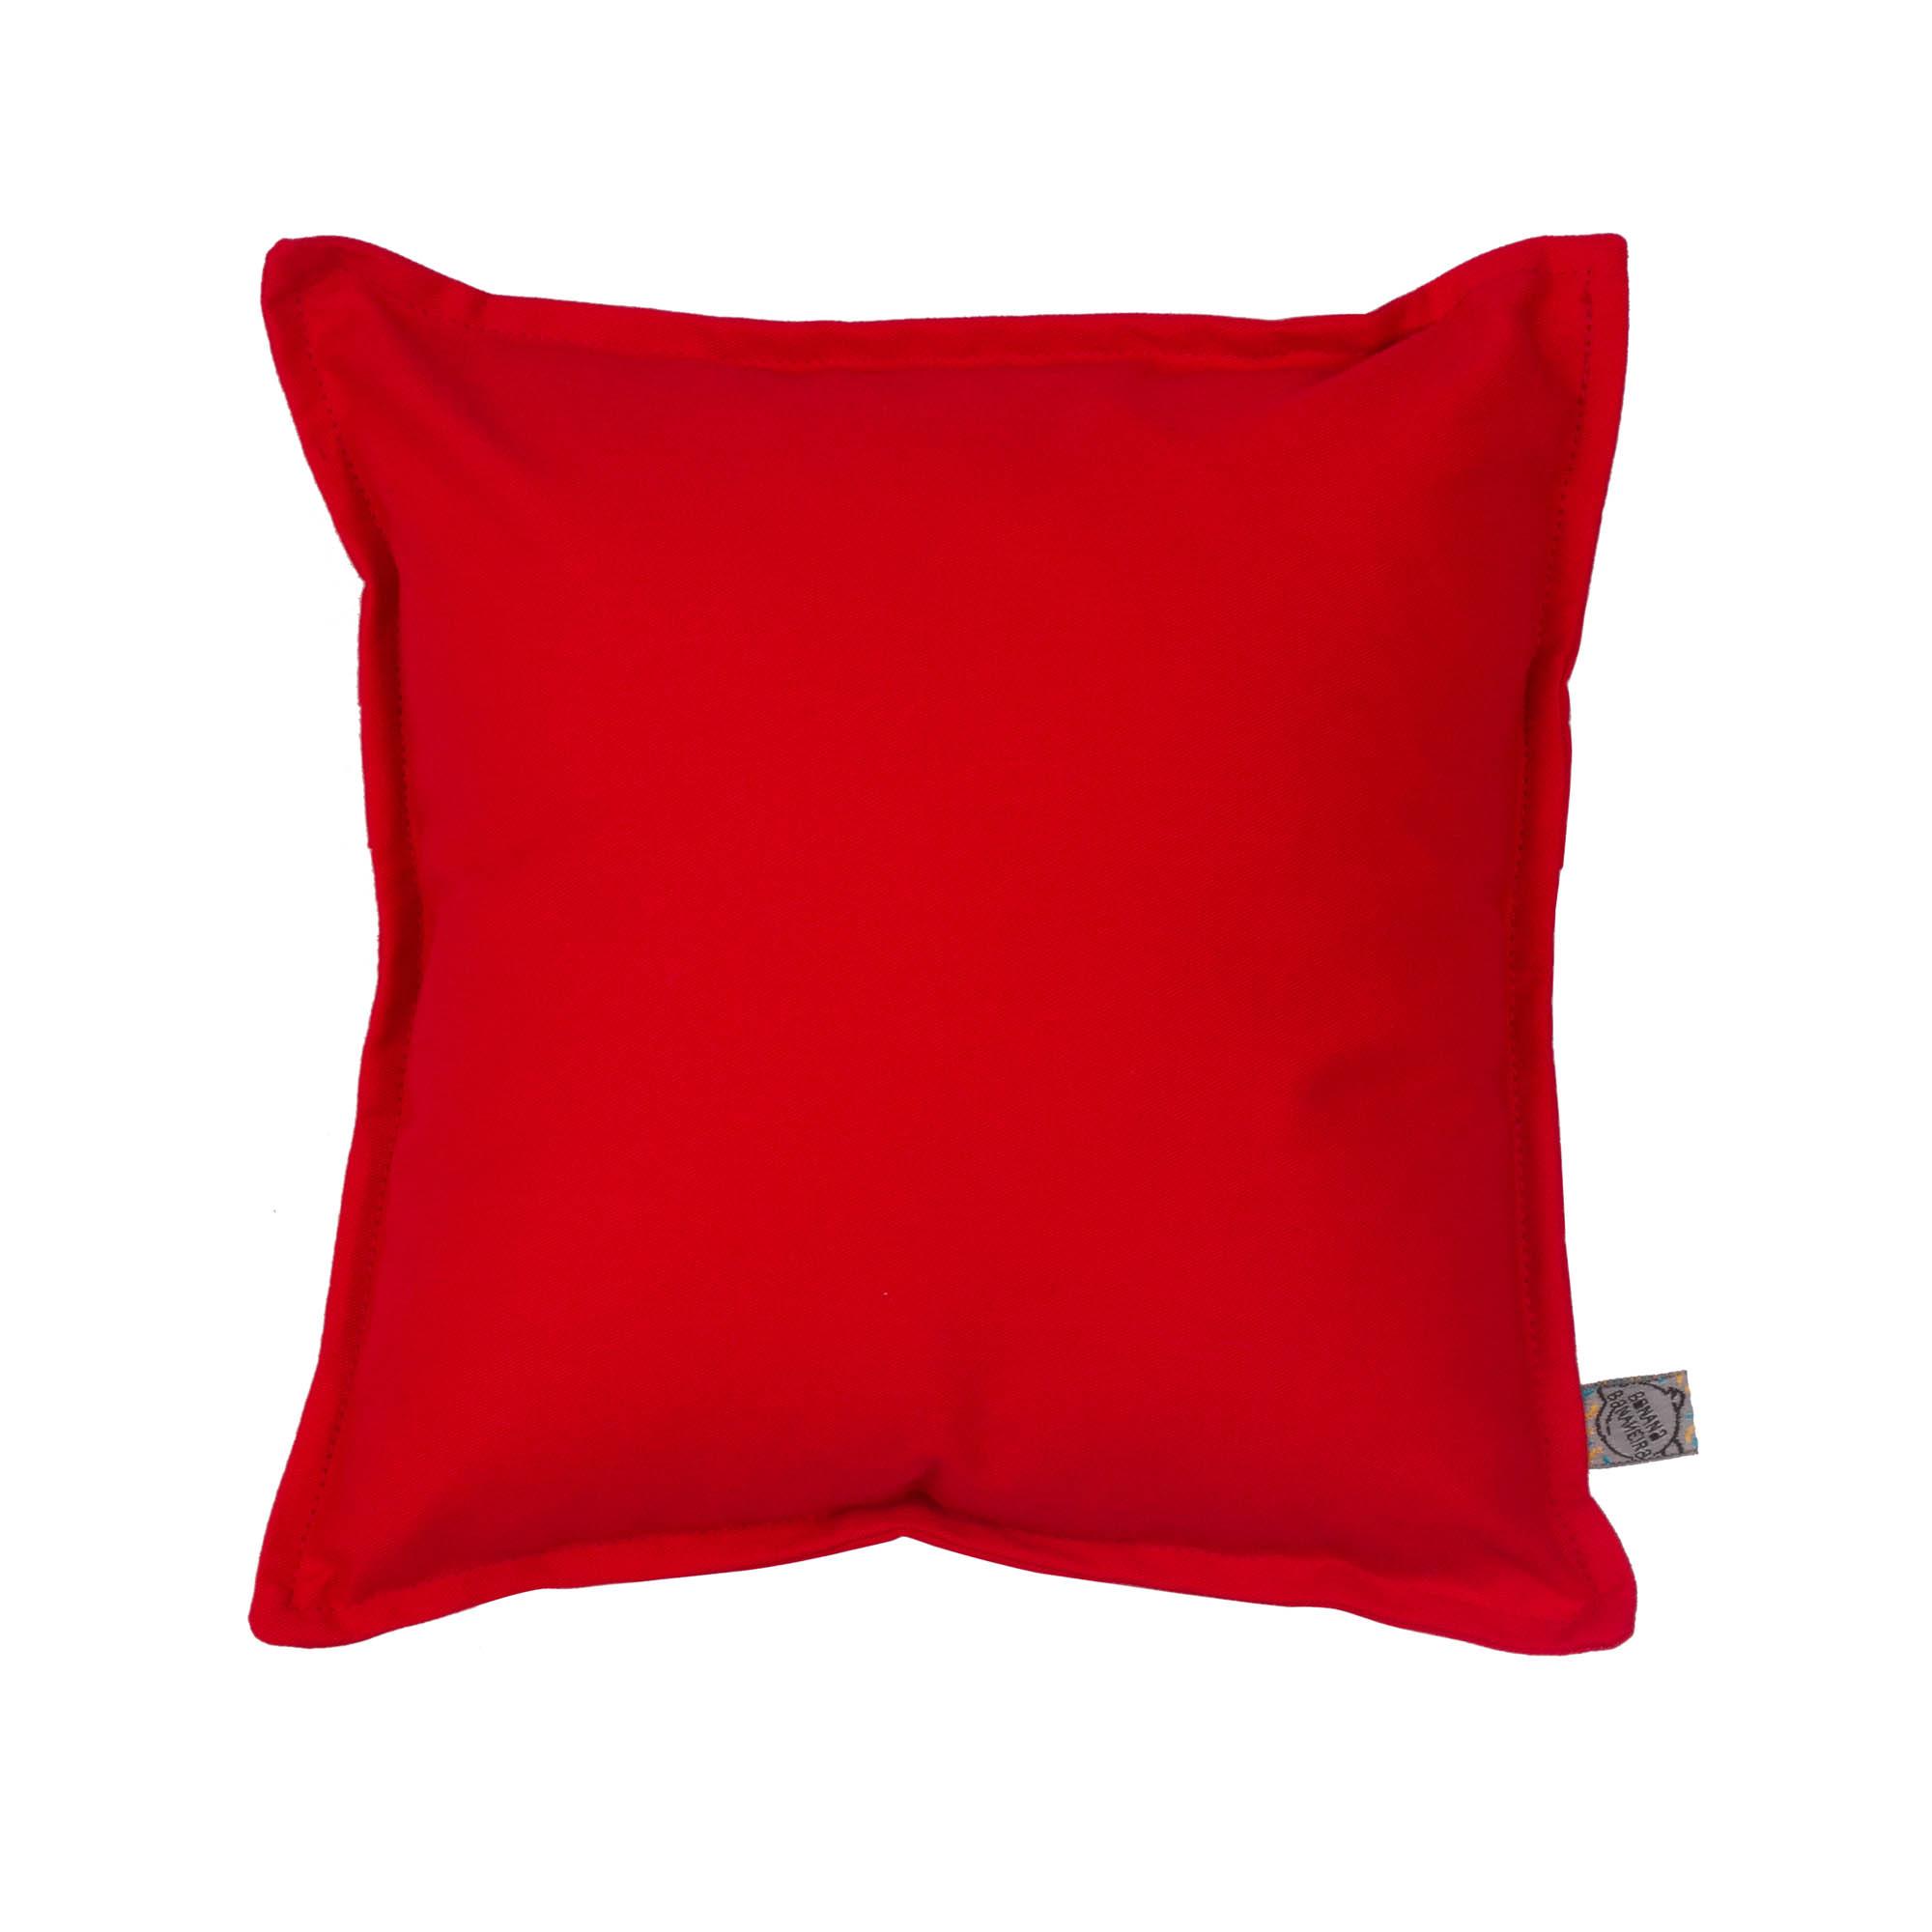 Almofada em pesponto 25 cm x 25 cm vermelha